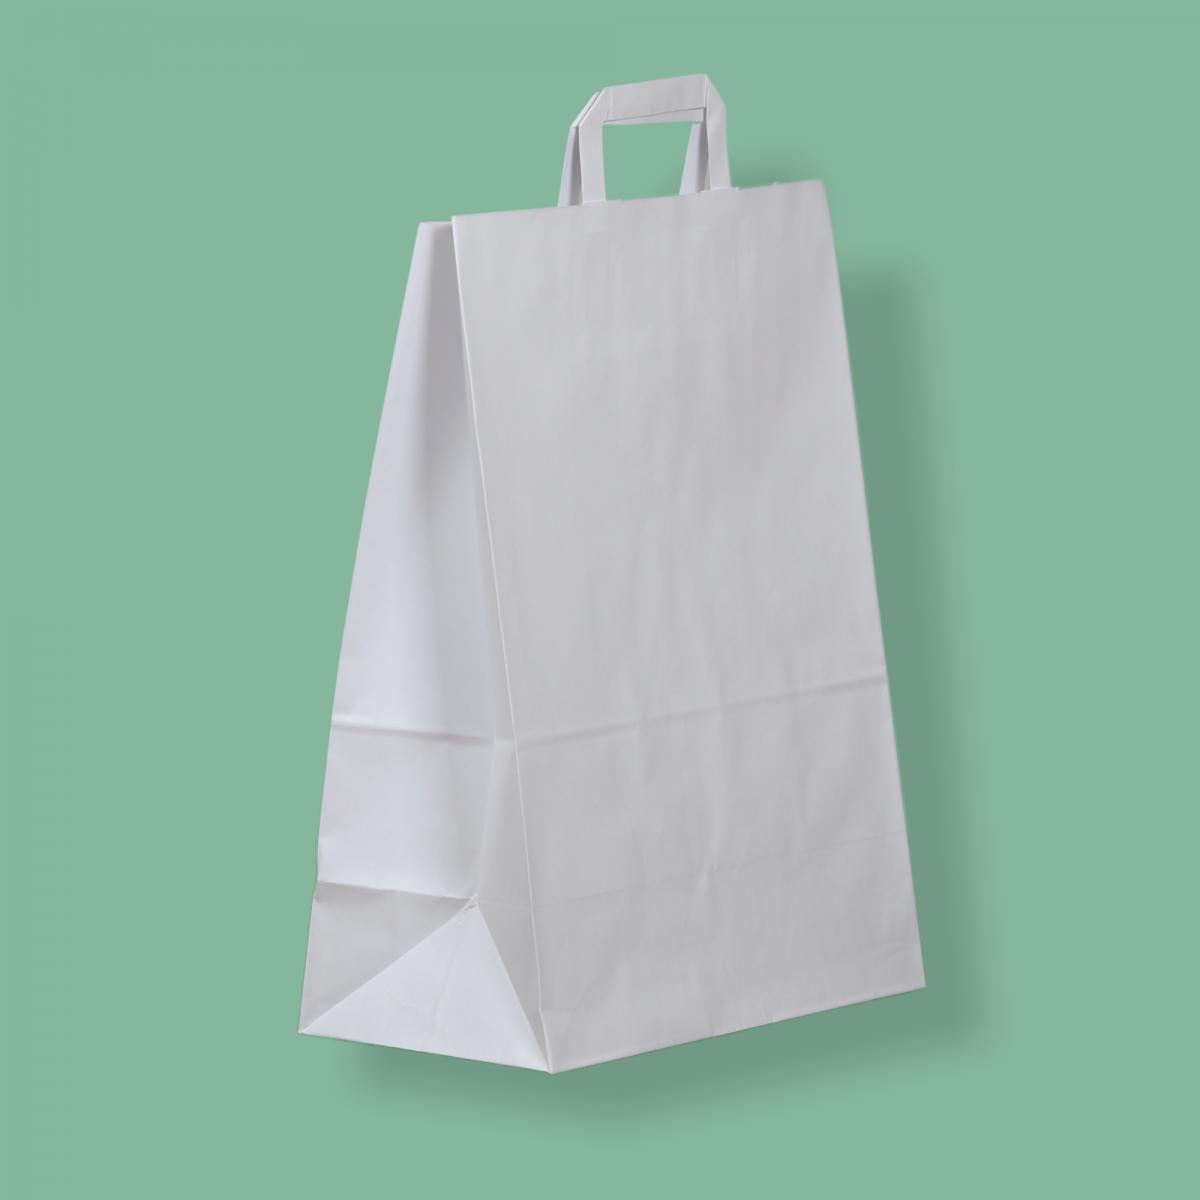 Szalagfüles papírtáska 32x43+17 cm fehér